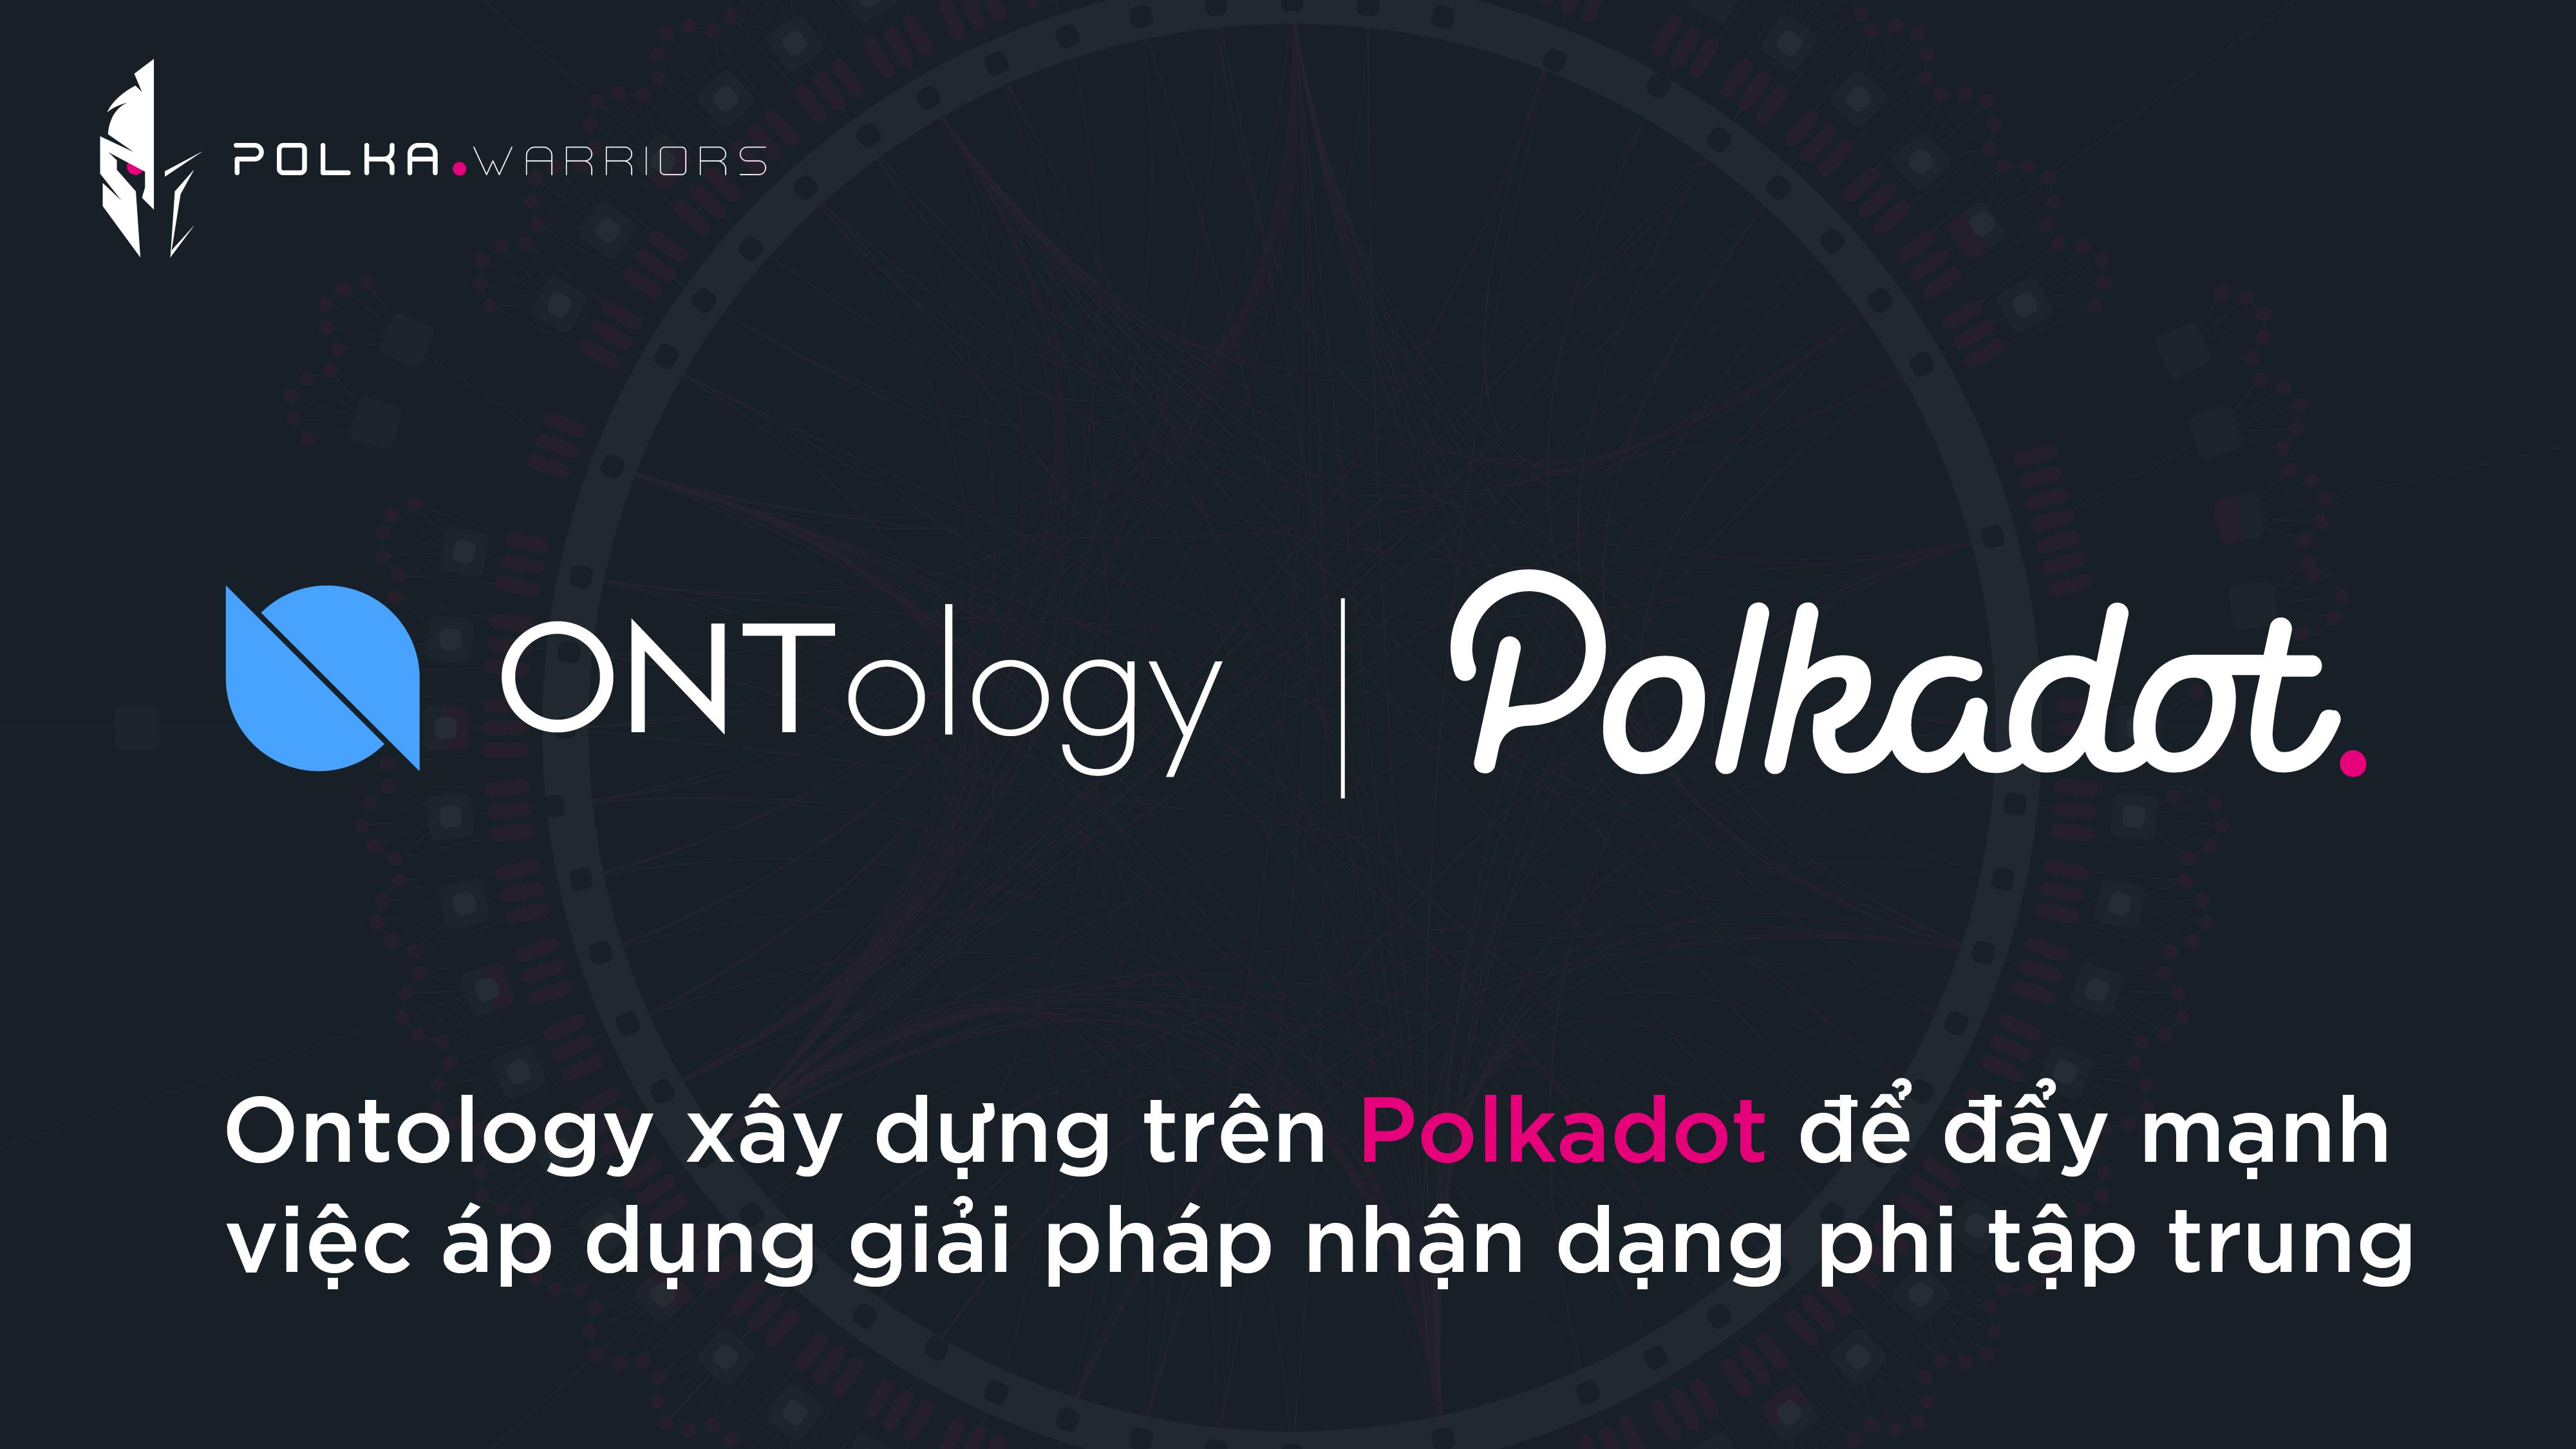 Ontology xây dựng trên Polkadot đẩy mạnh giải pháp nhận dạng phi tập trung - Syndicator